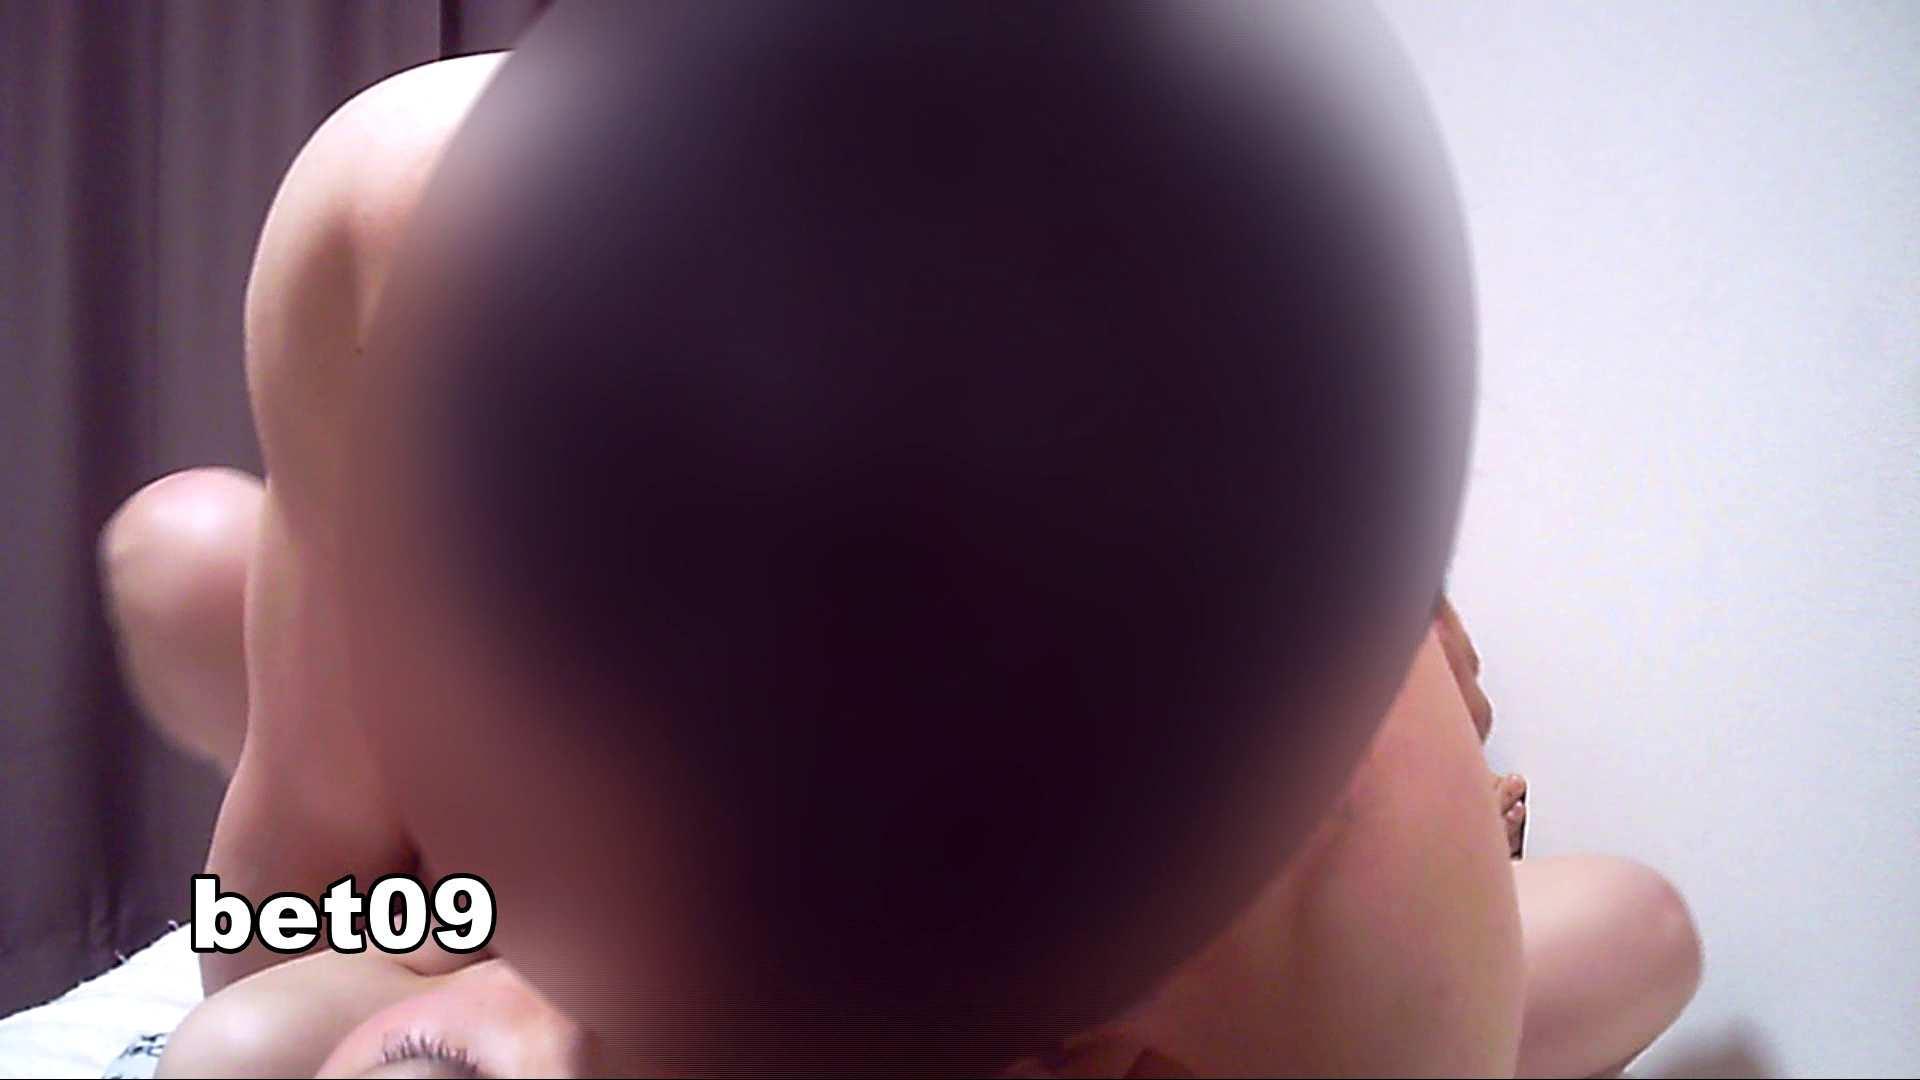 ミキ・大手旅行代理店勤務(24歳・仮名) vol.09 ミキの顔が紅潮してきます フェラ   リベンジ  39画像 15